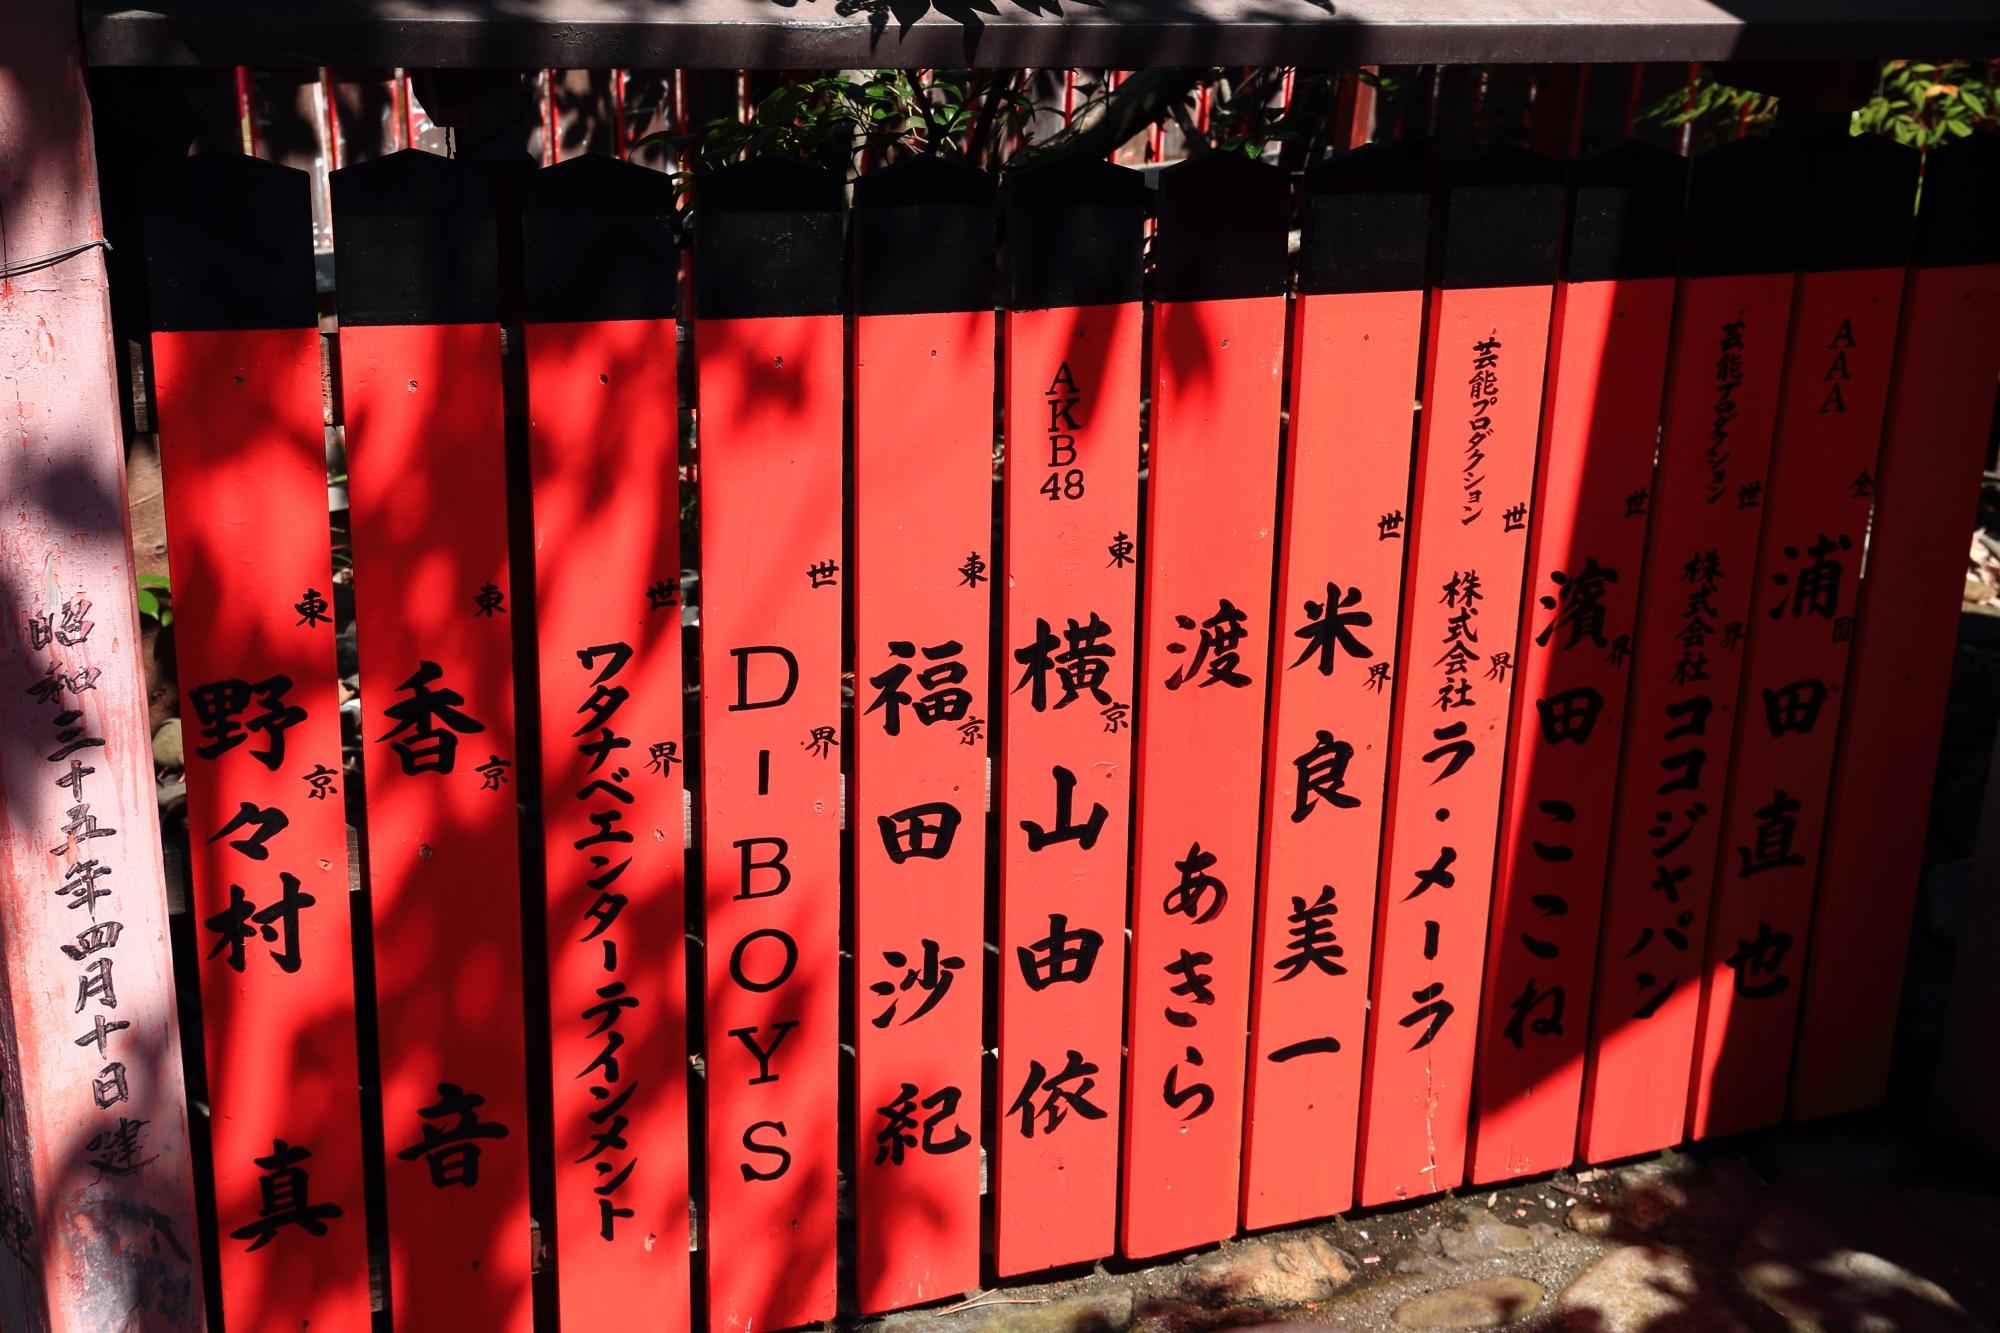 車折神社のいろんな有名な方の玉垣